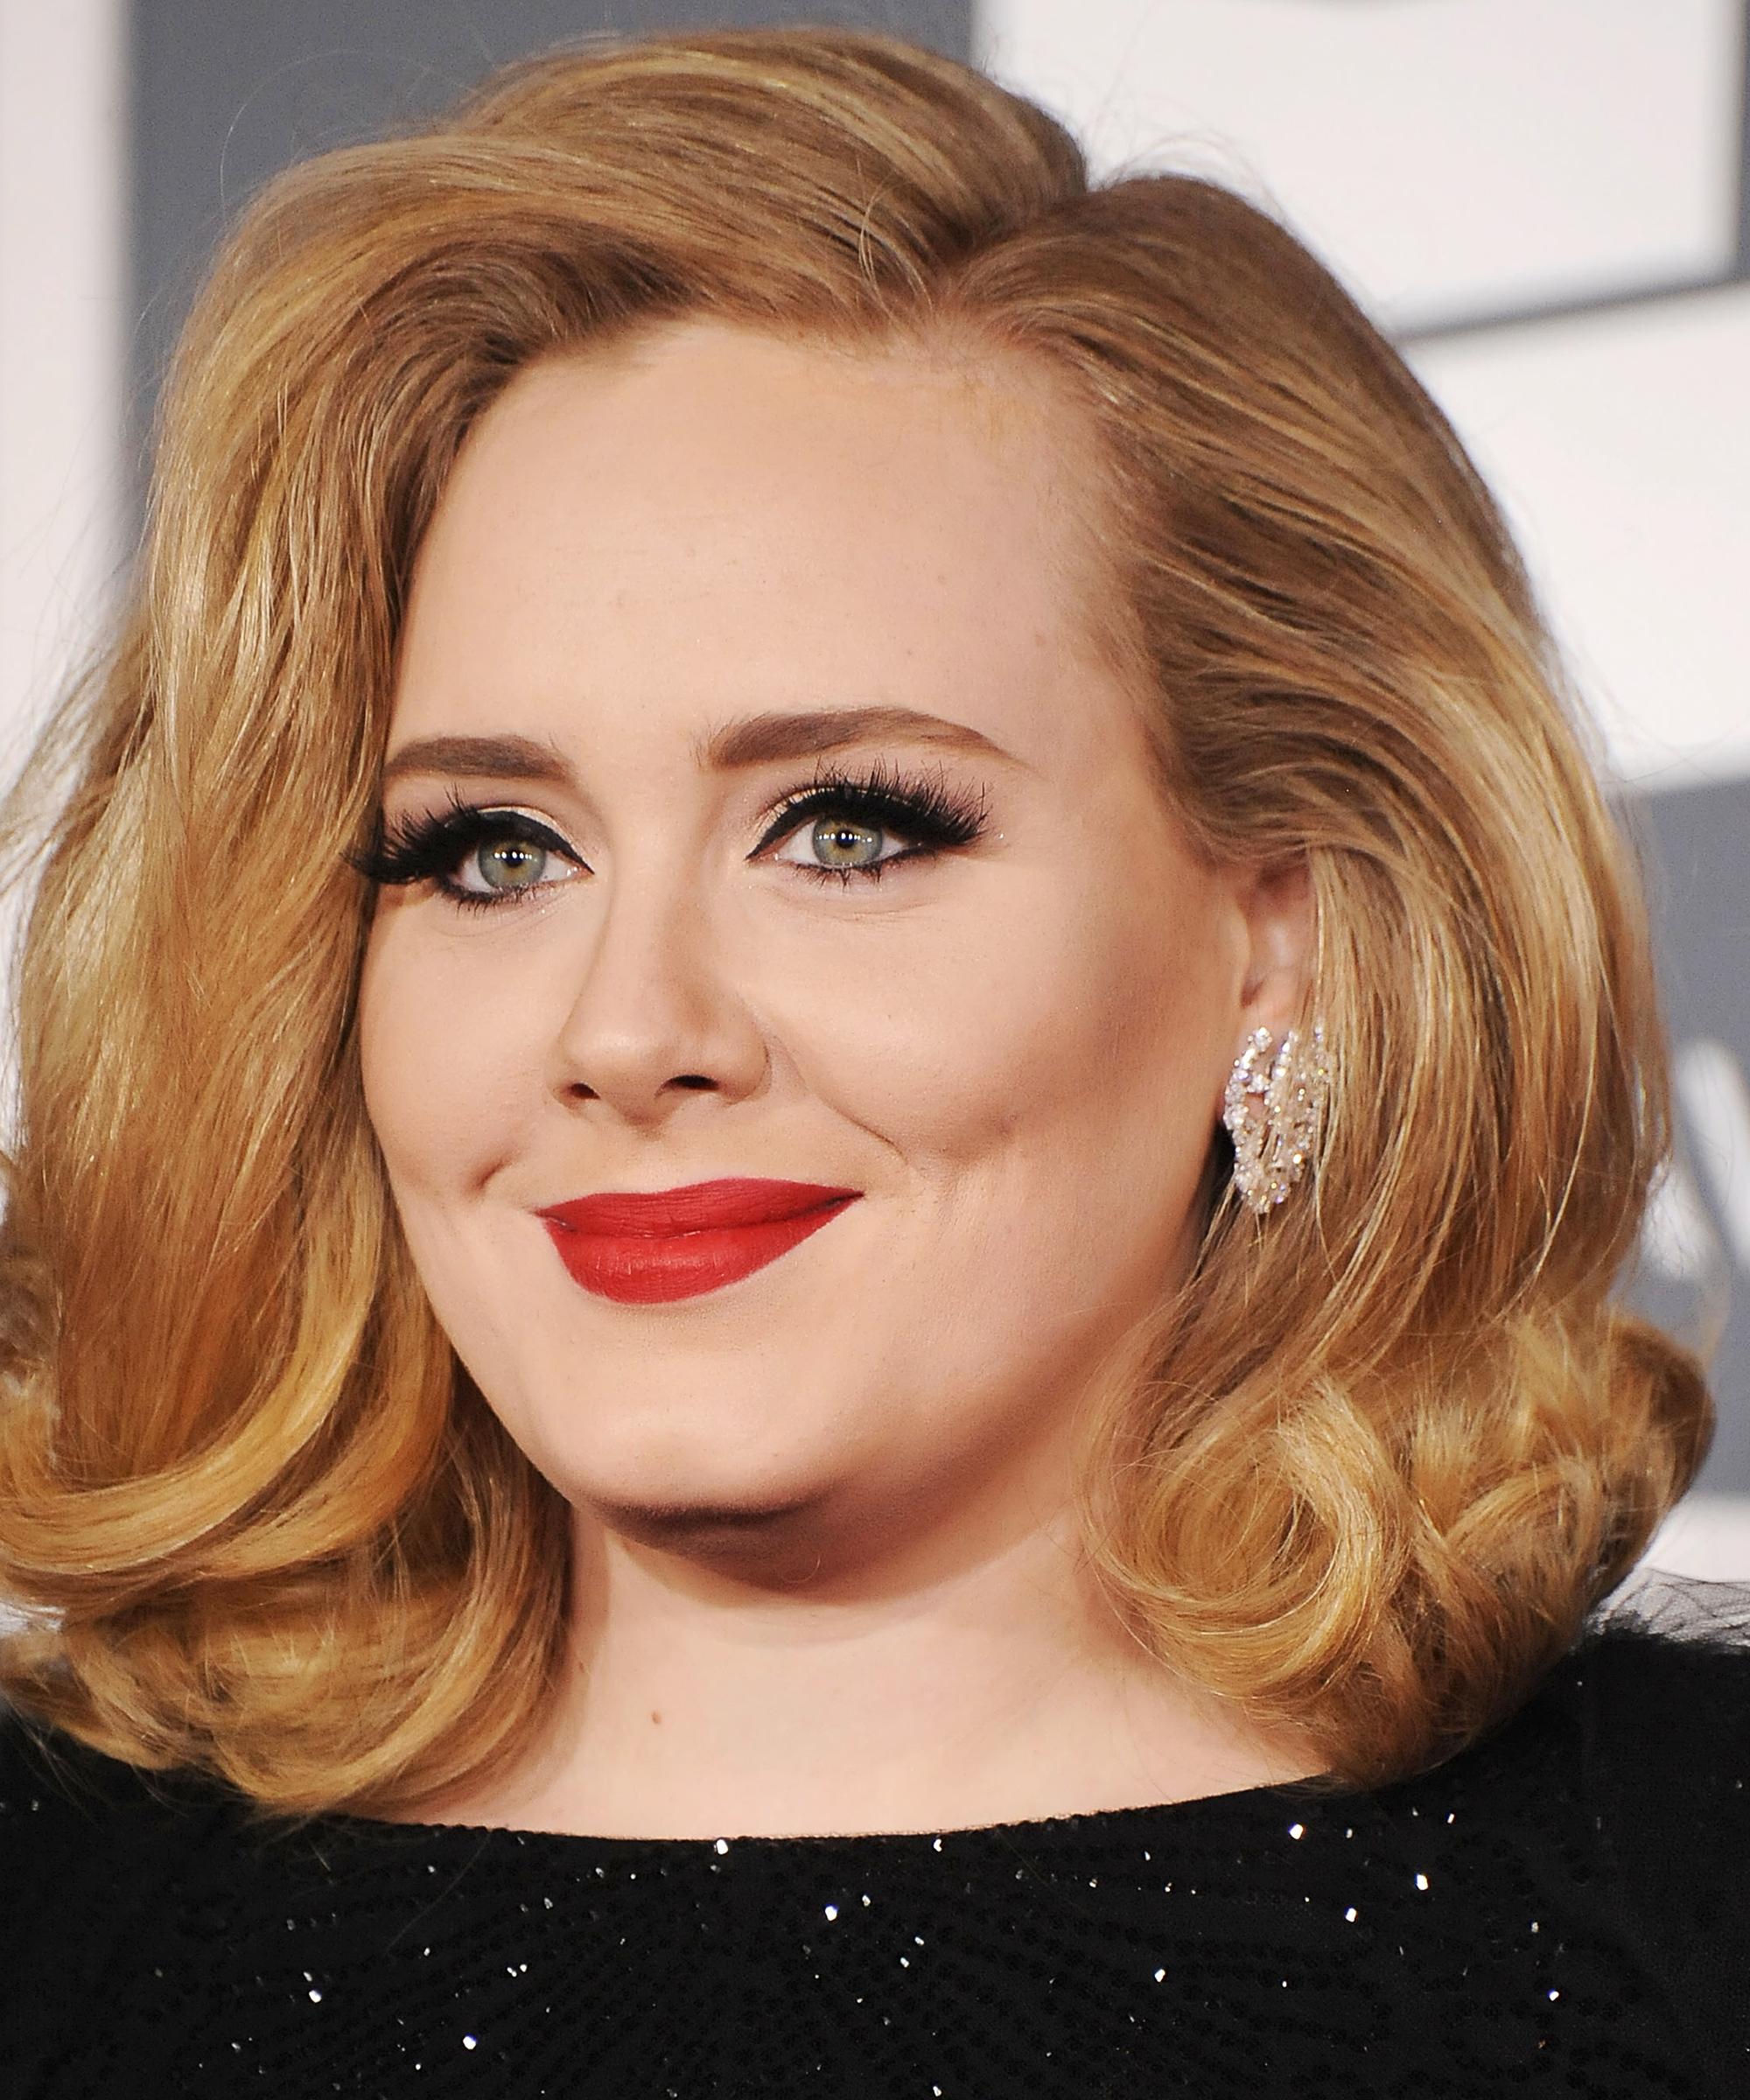 Adele Makeup Artist Looks Cat Eye Beauty Transformation